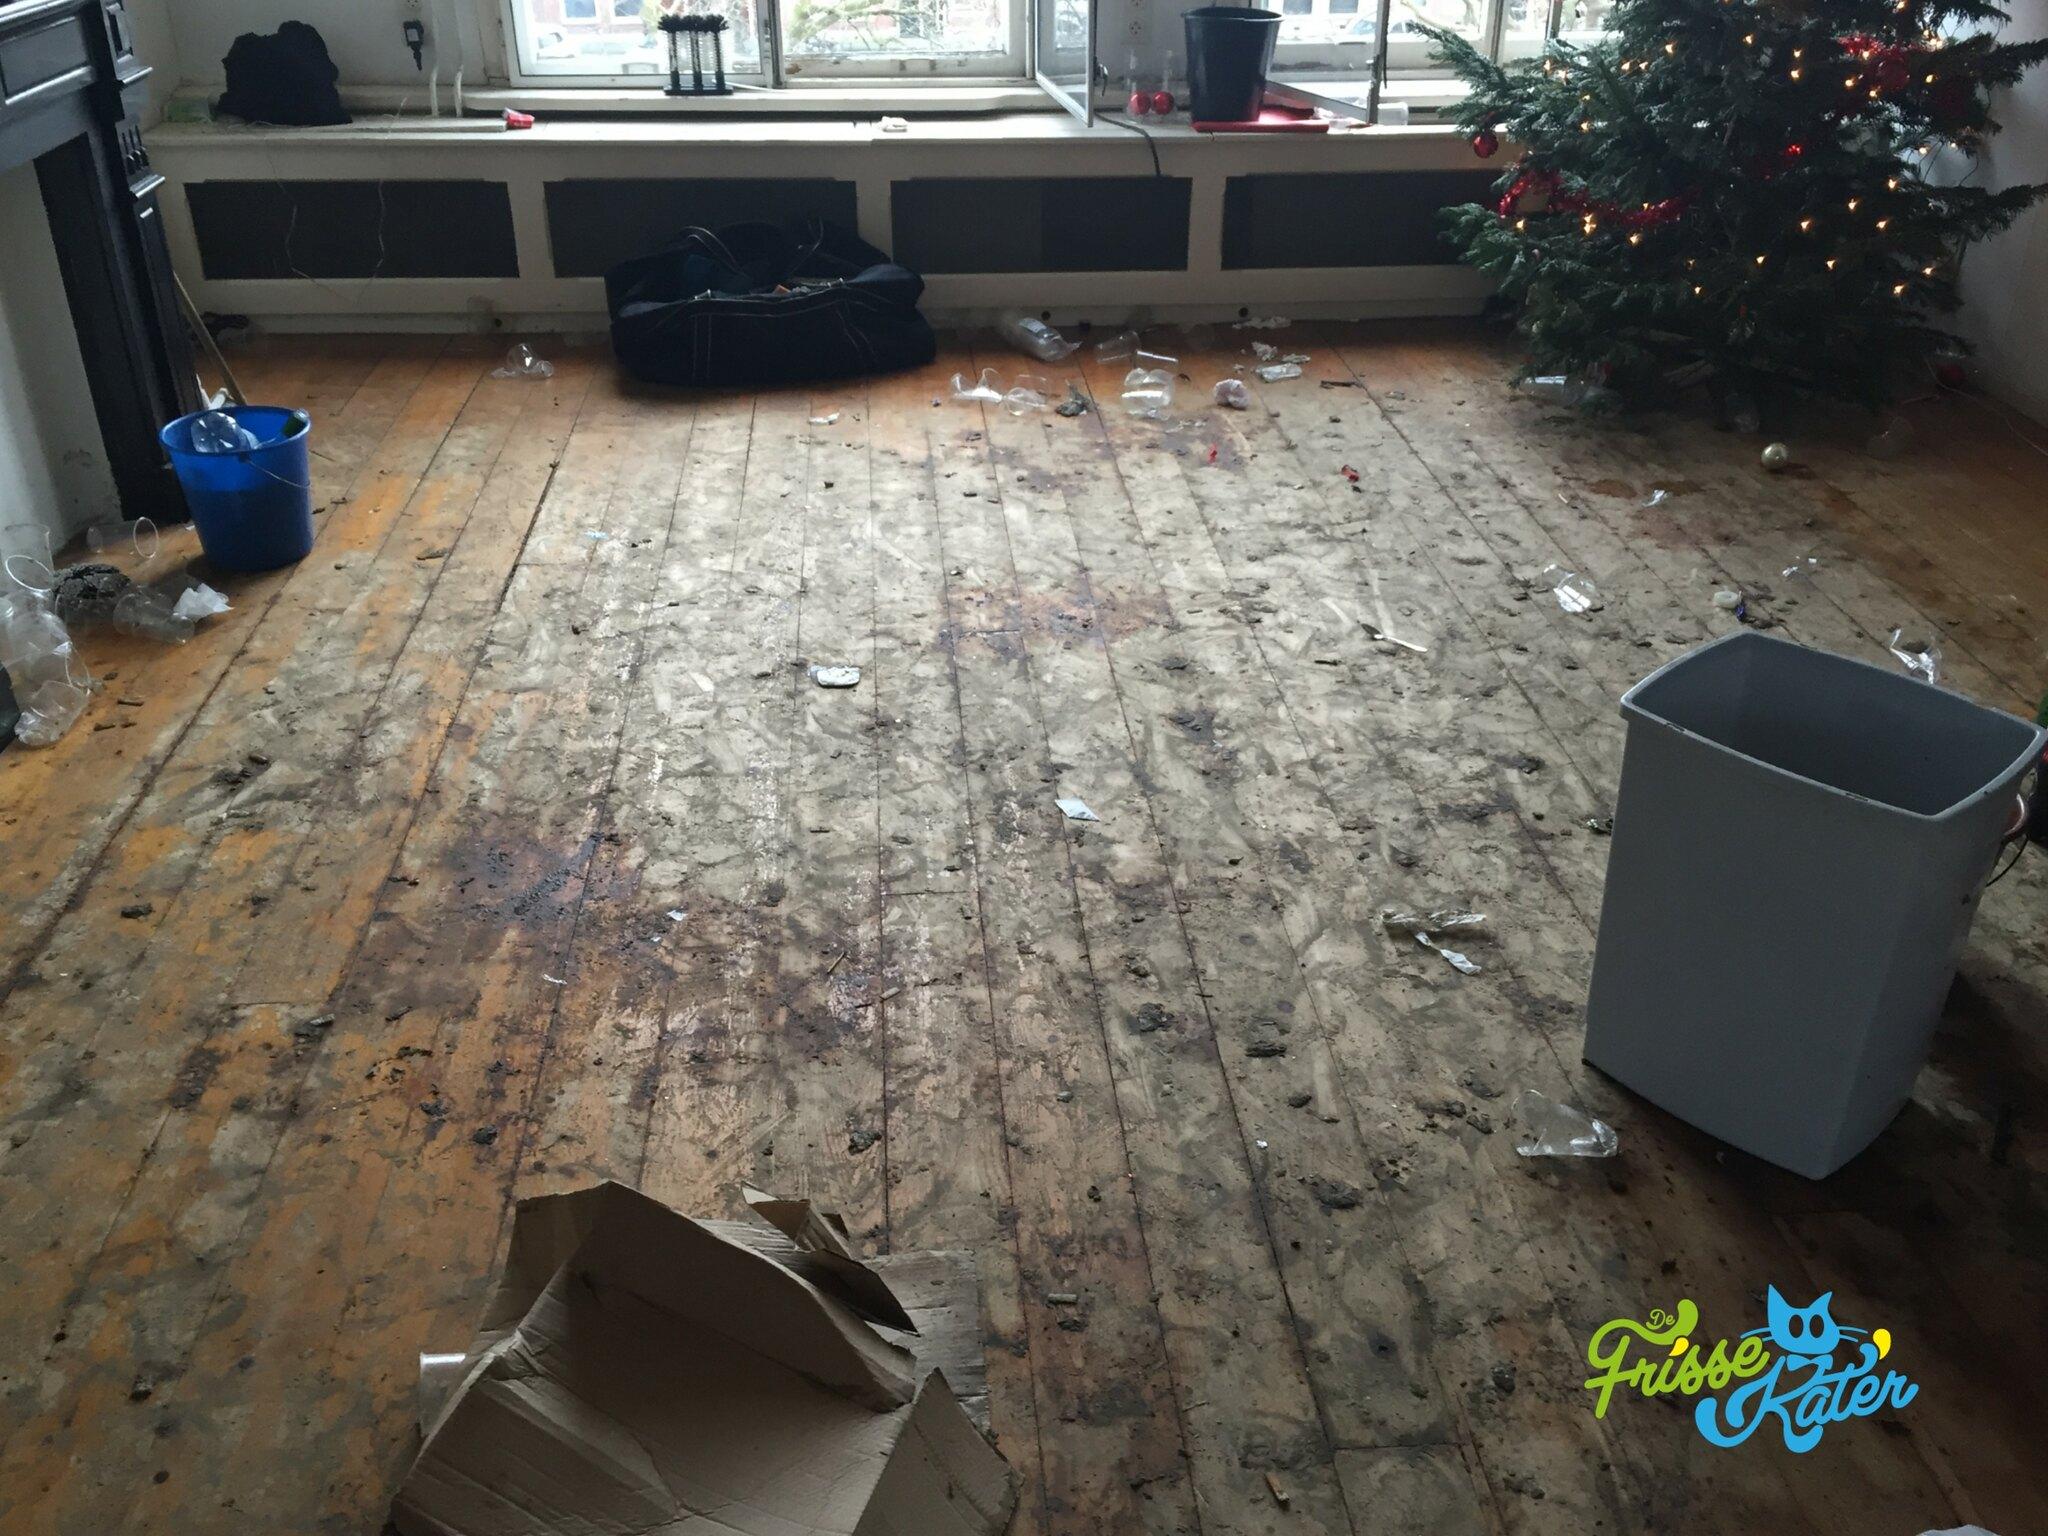 houten vloer schoonmaken en onderhouden tips tricks